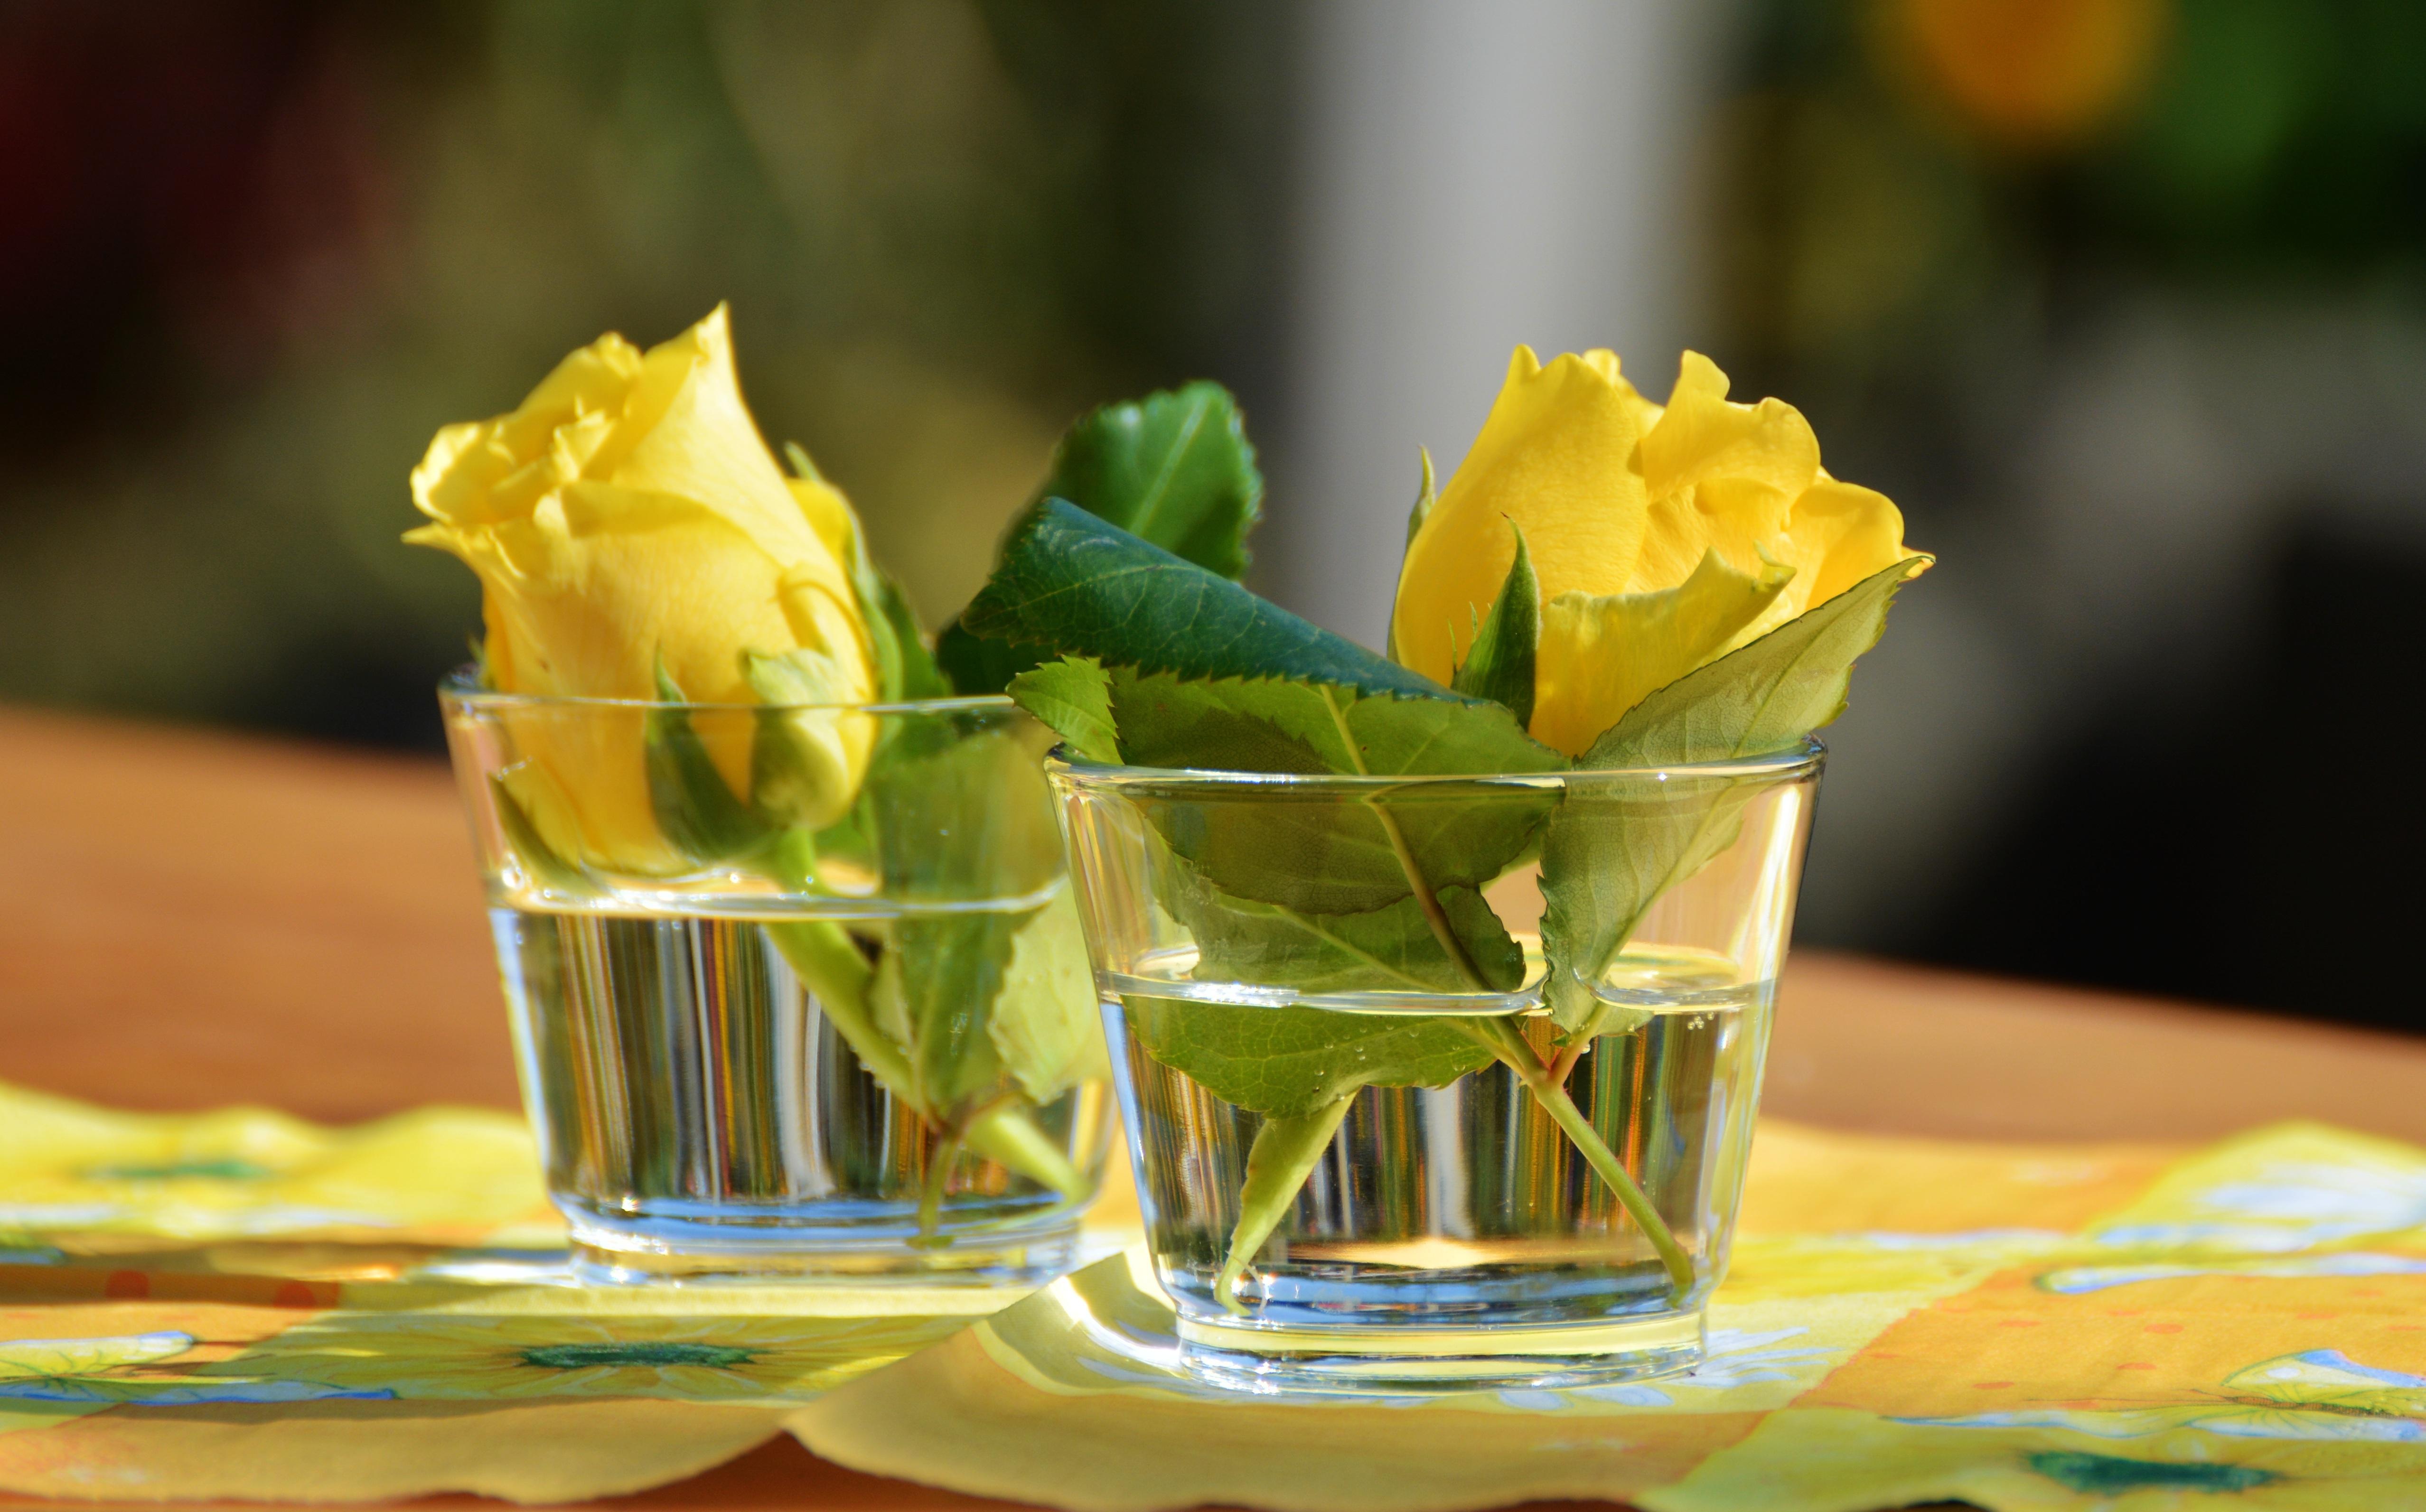 Фото цветов в стакане